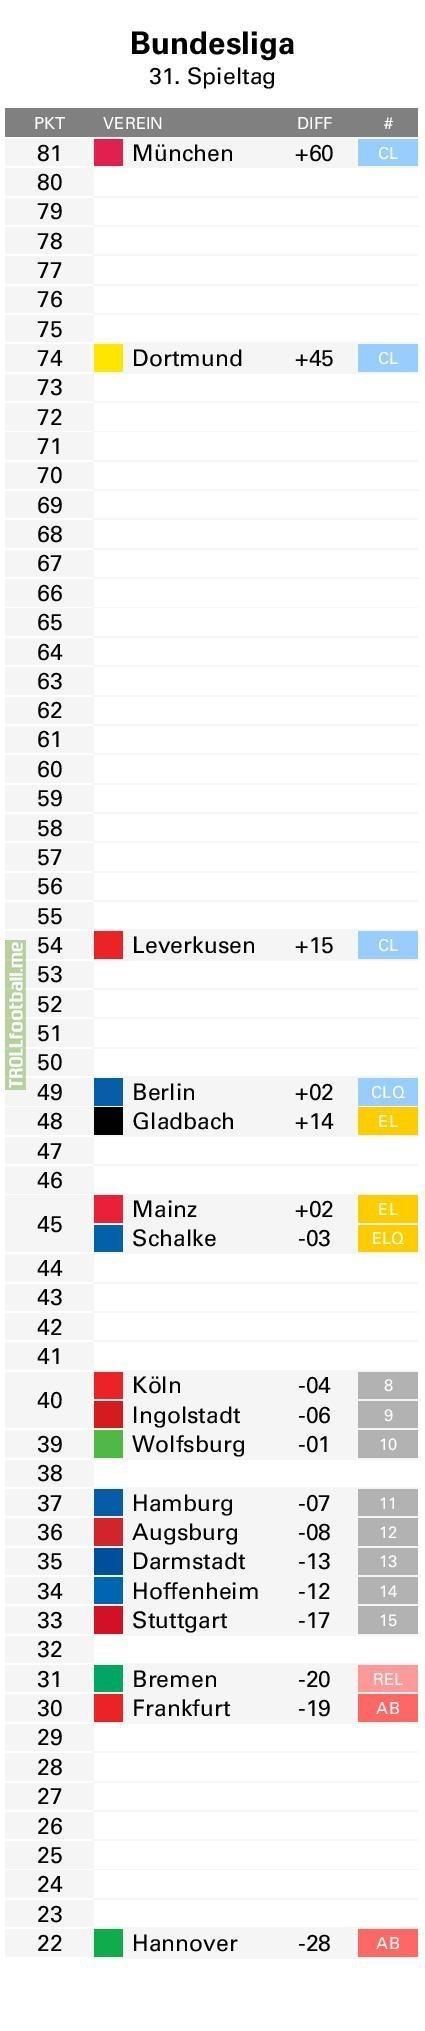 Bundesliga Points Table (Matchday 31) - Soccer Memes - Goal91